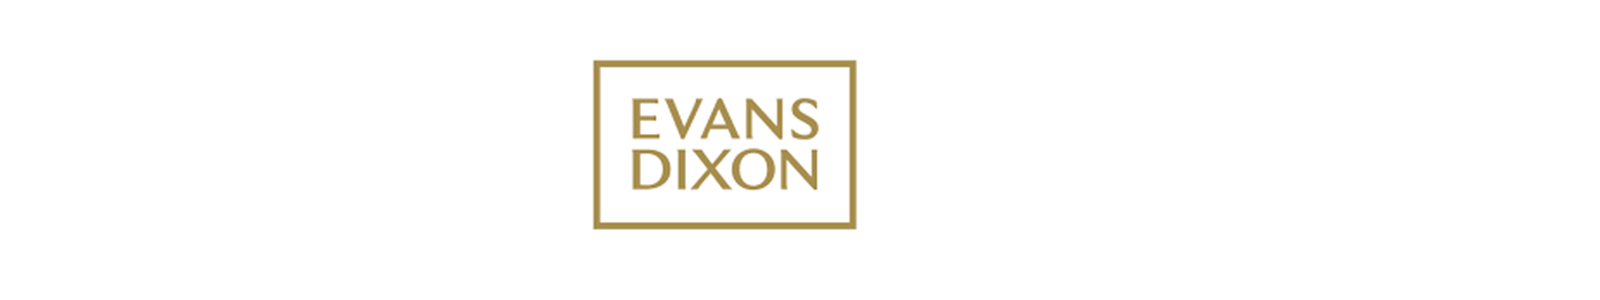 Evans & Partners - Case Study